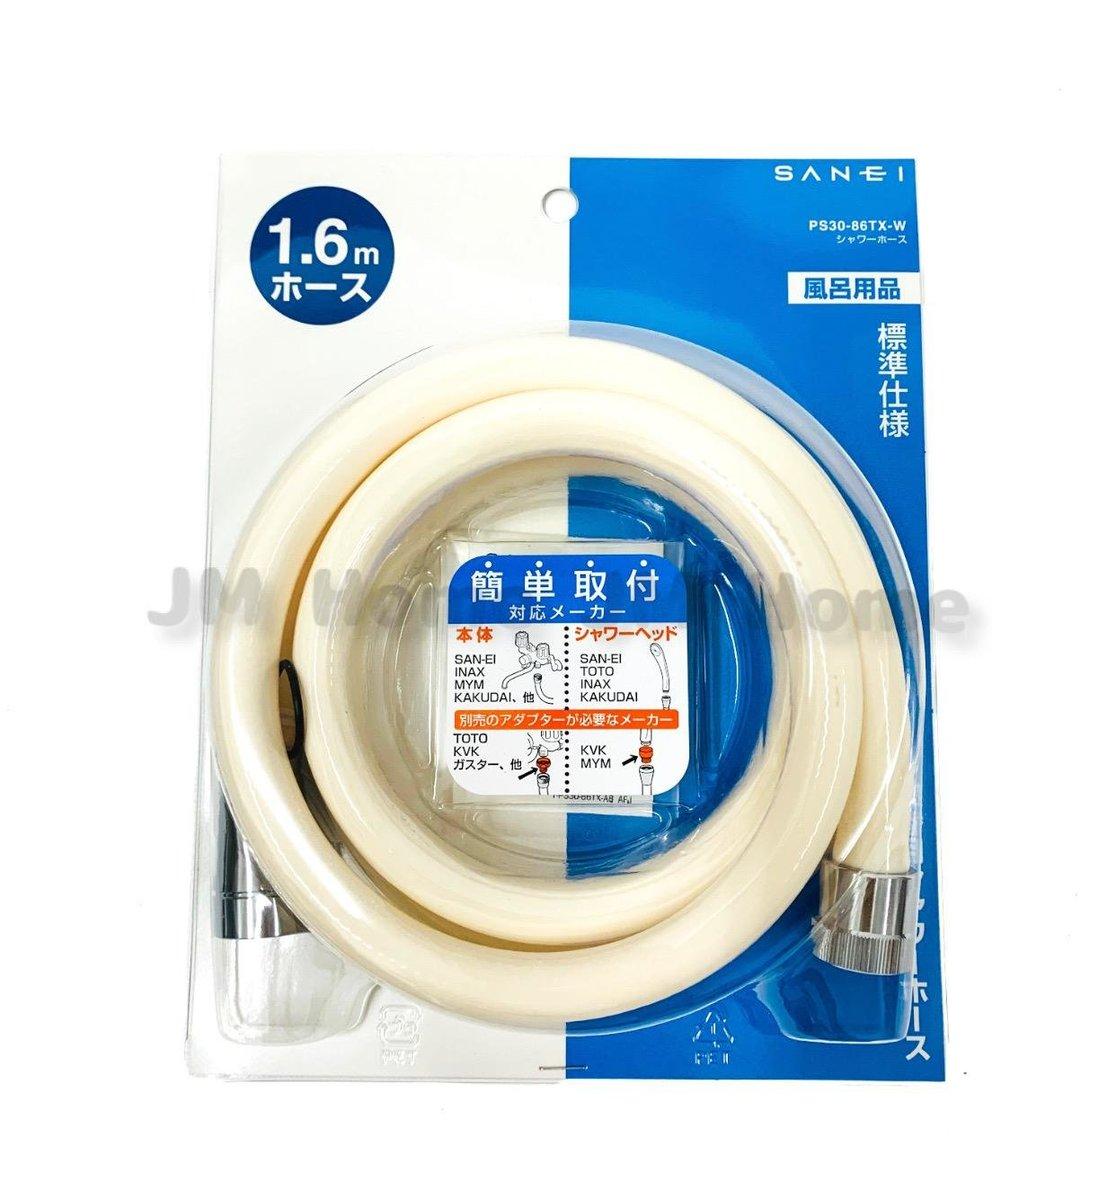 (日本製)1.6M高壓日本花灑膠喉PS30-86TX-W